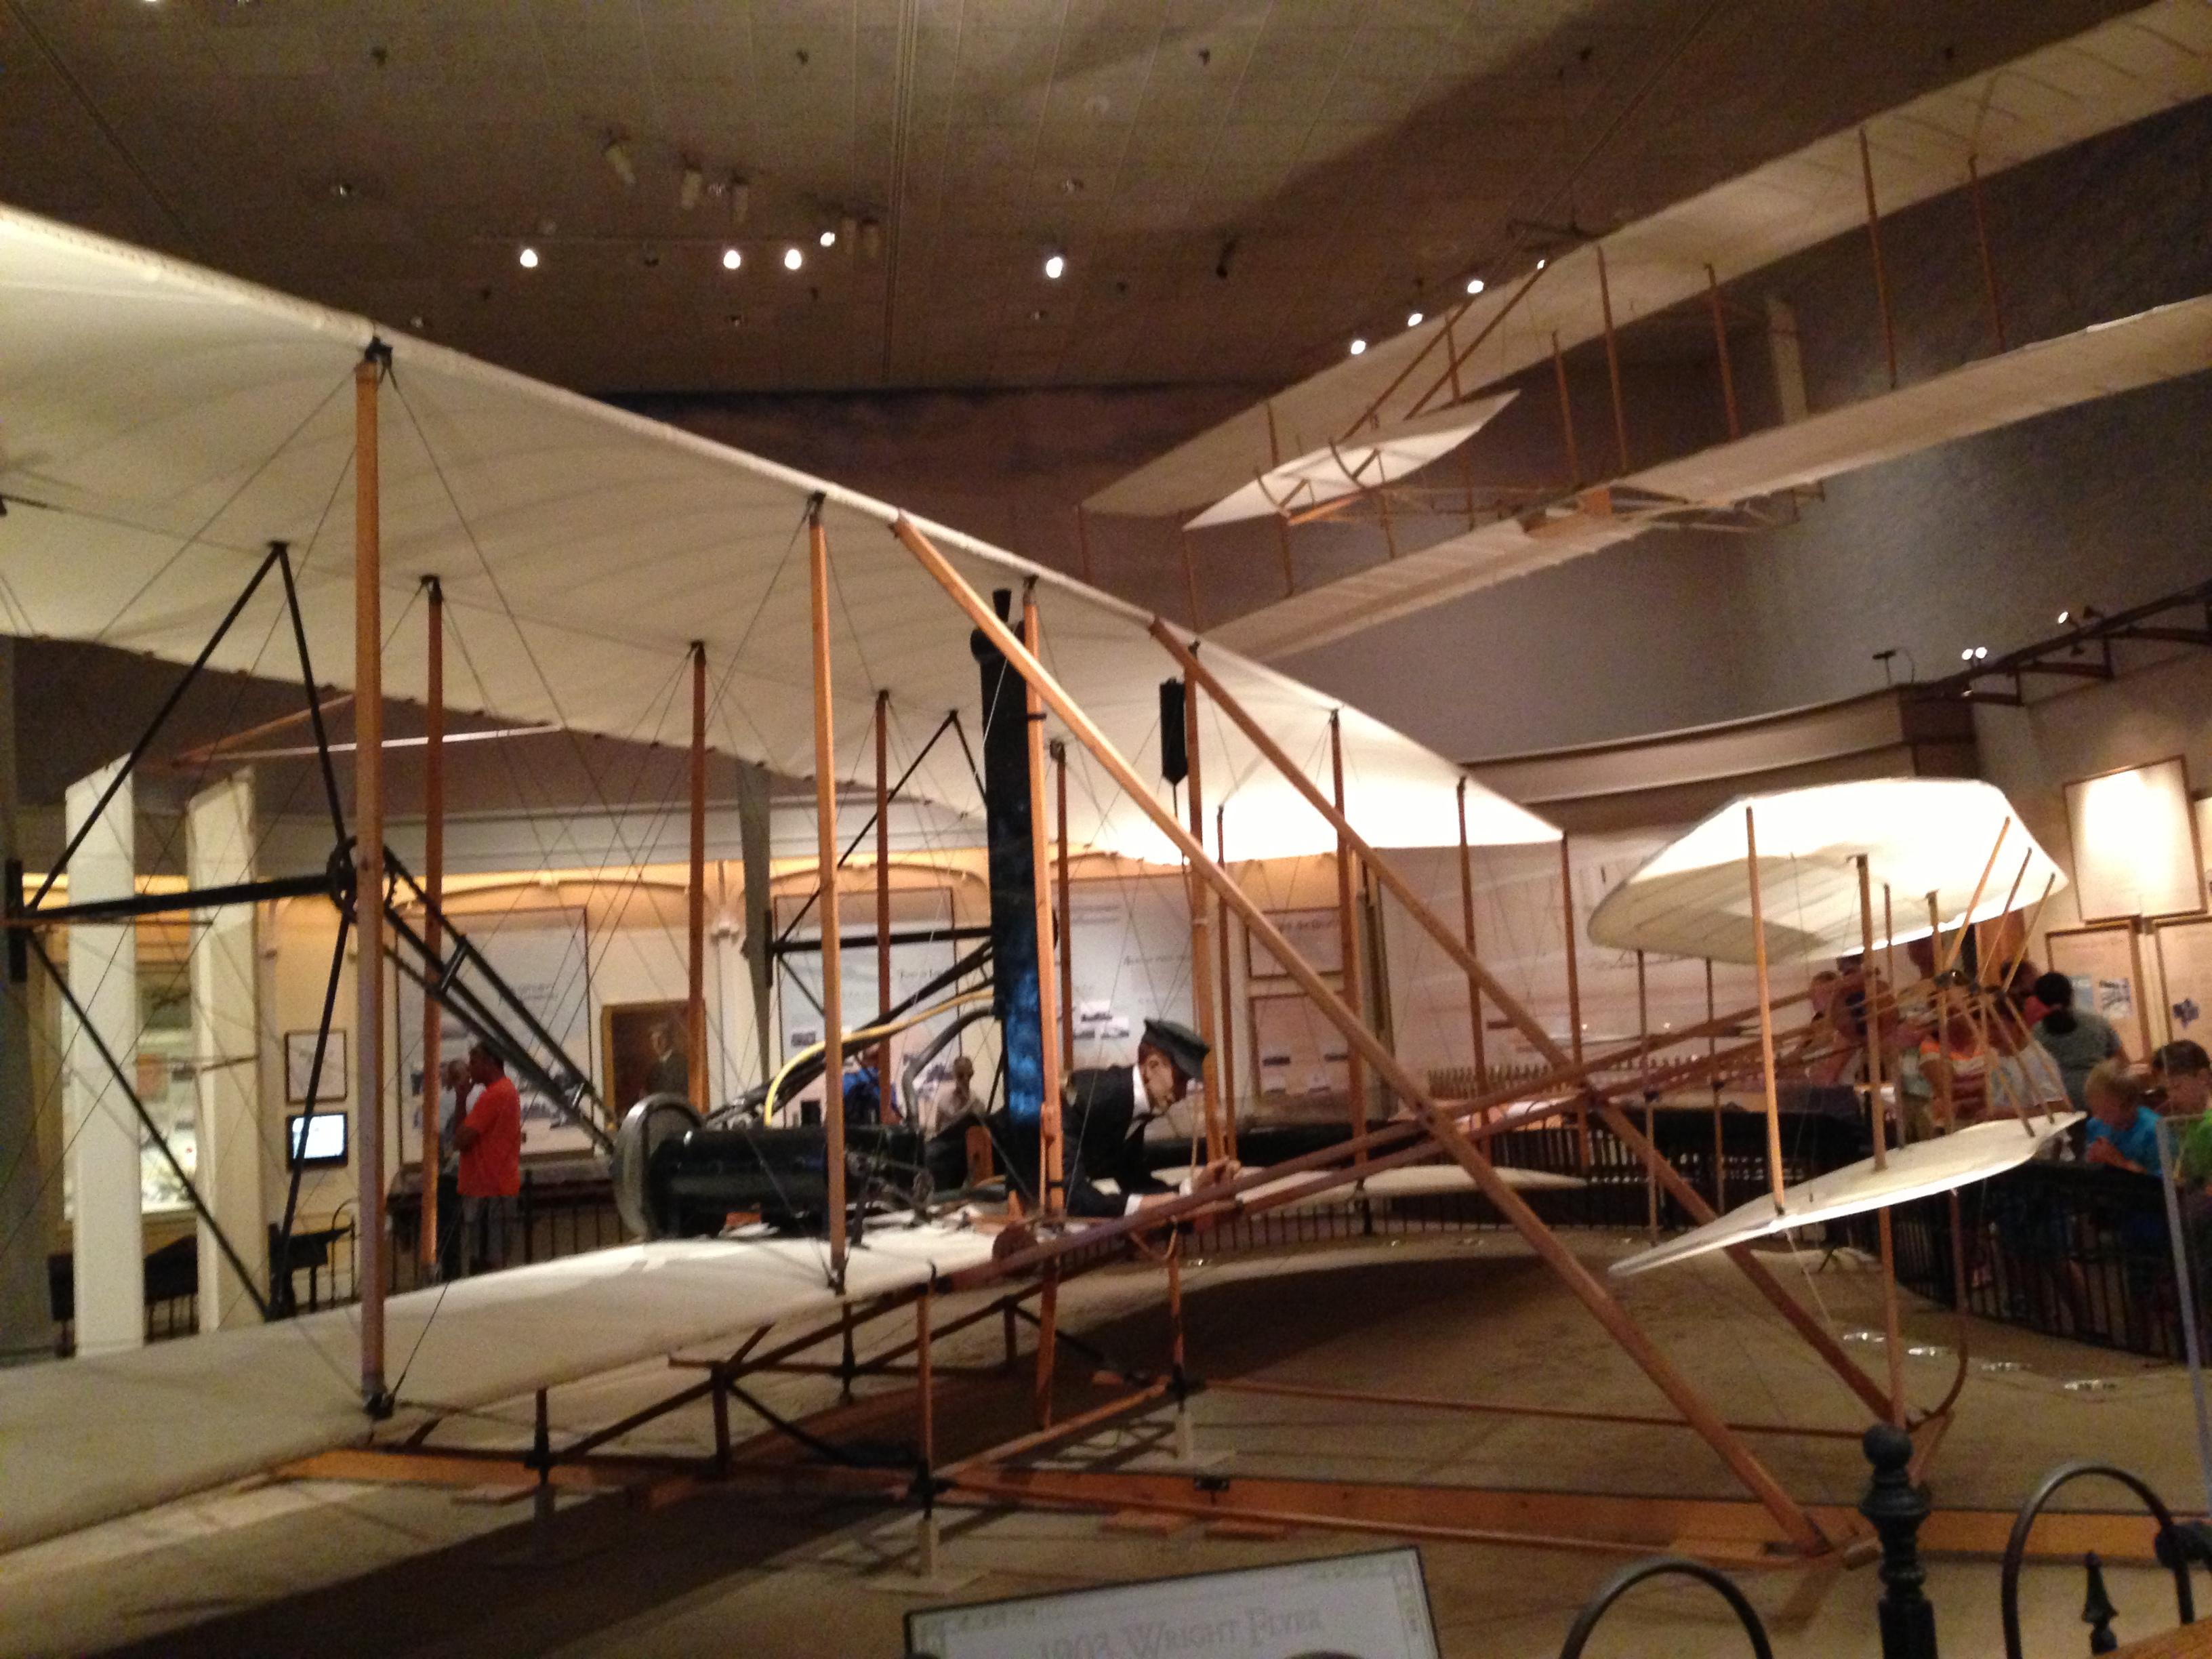 世界上第一架飞机的模型